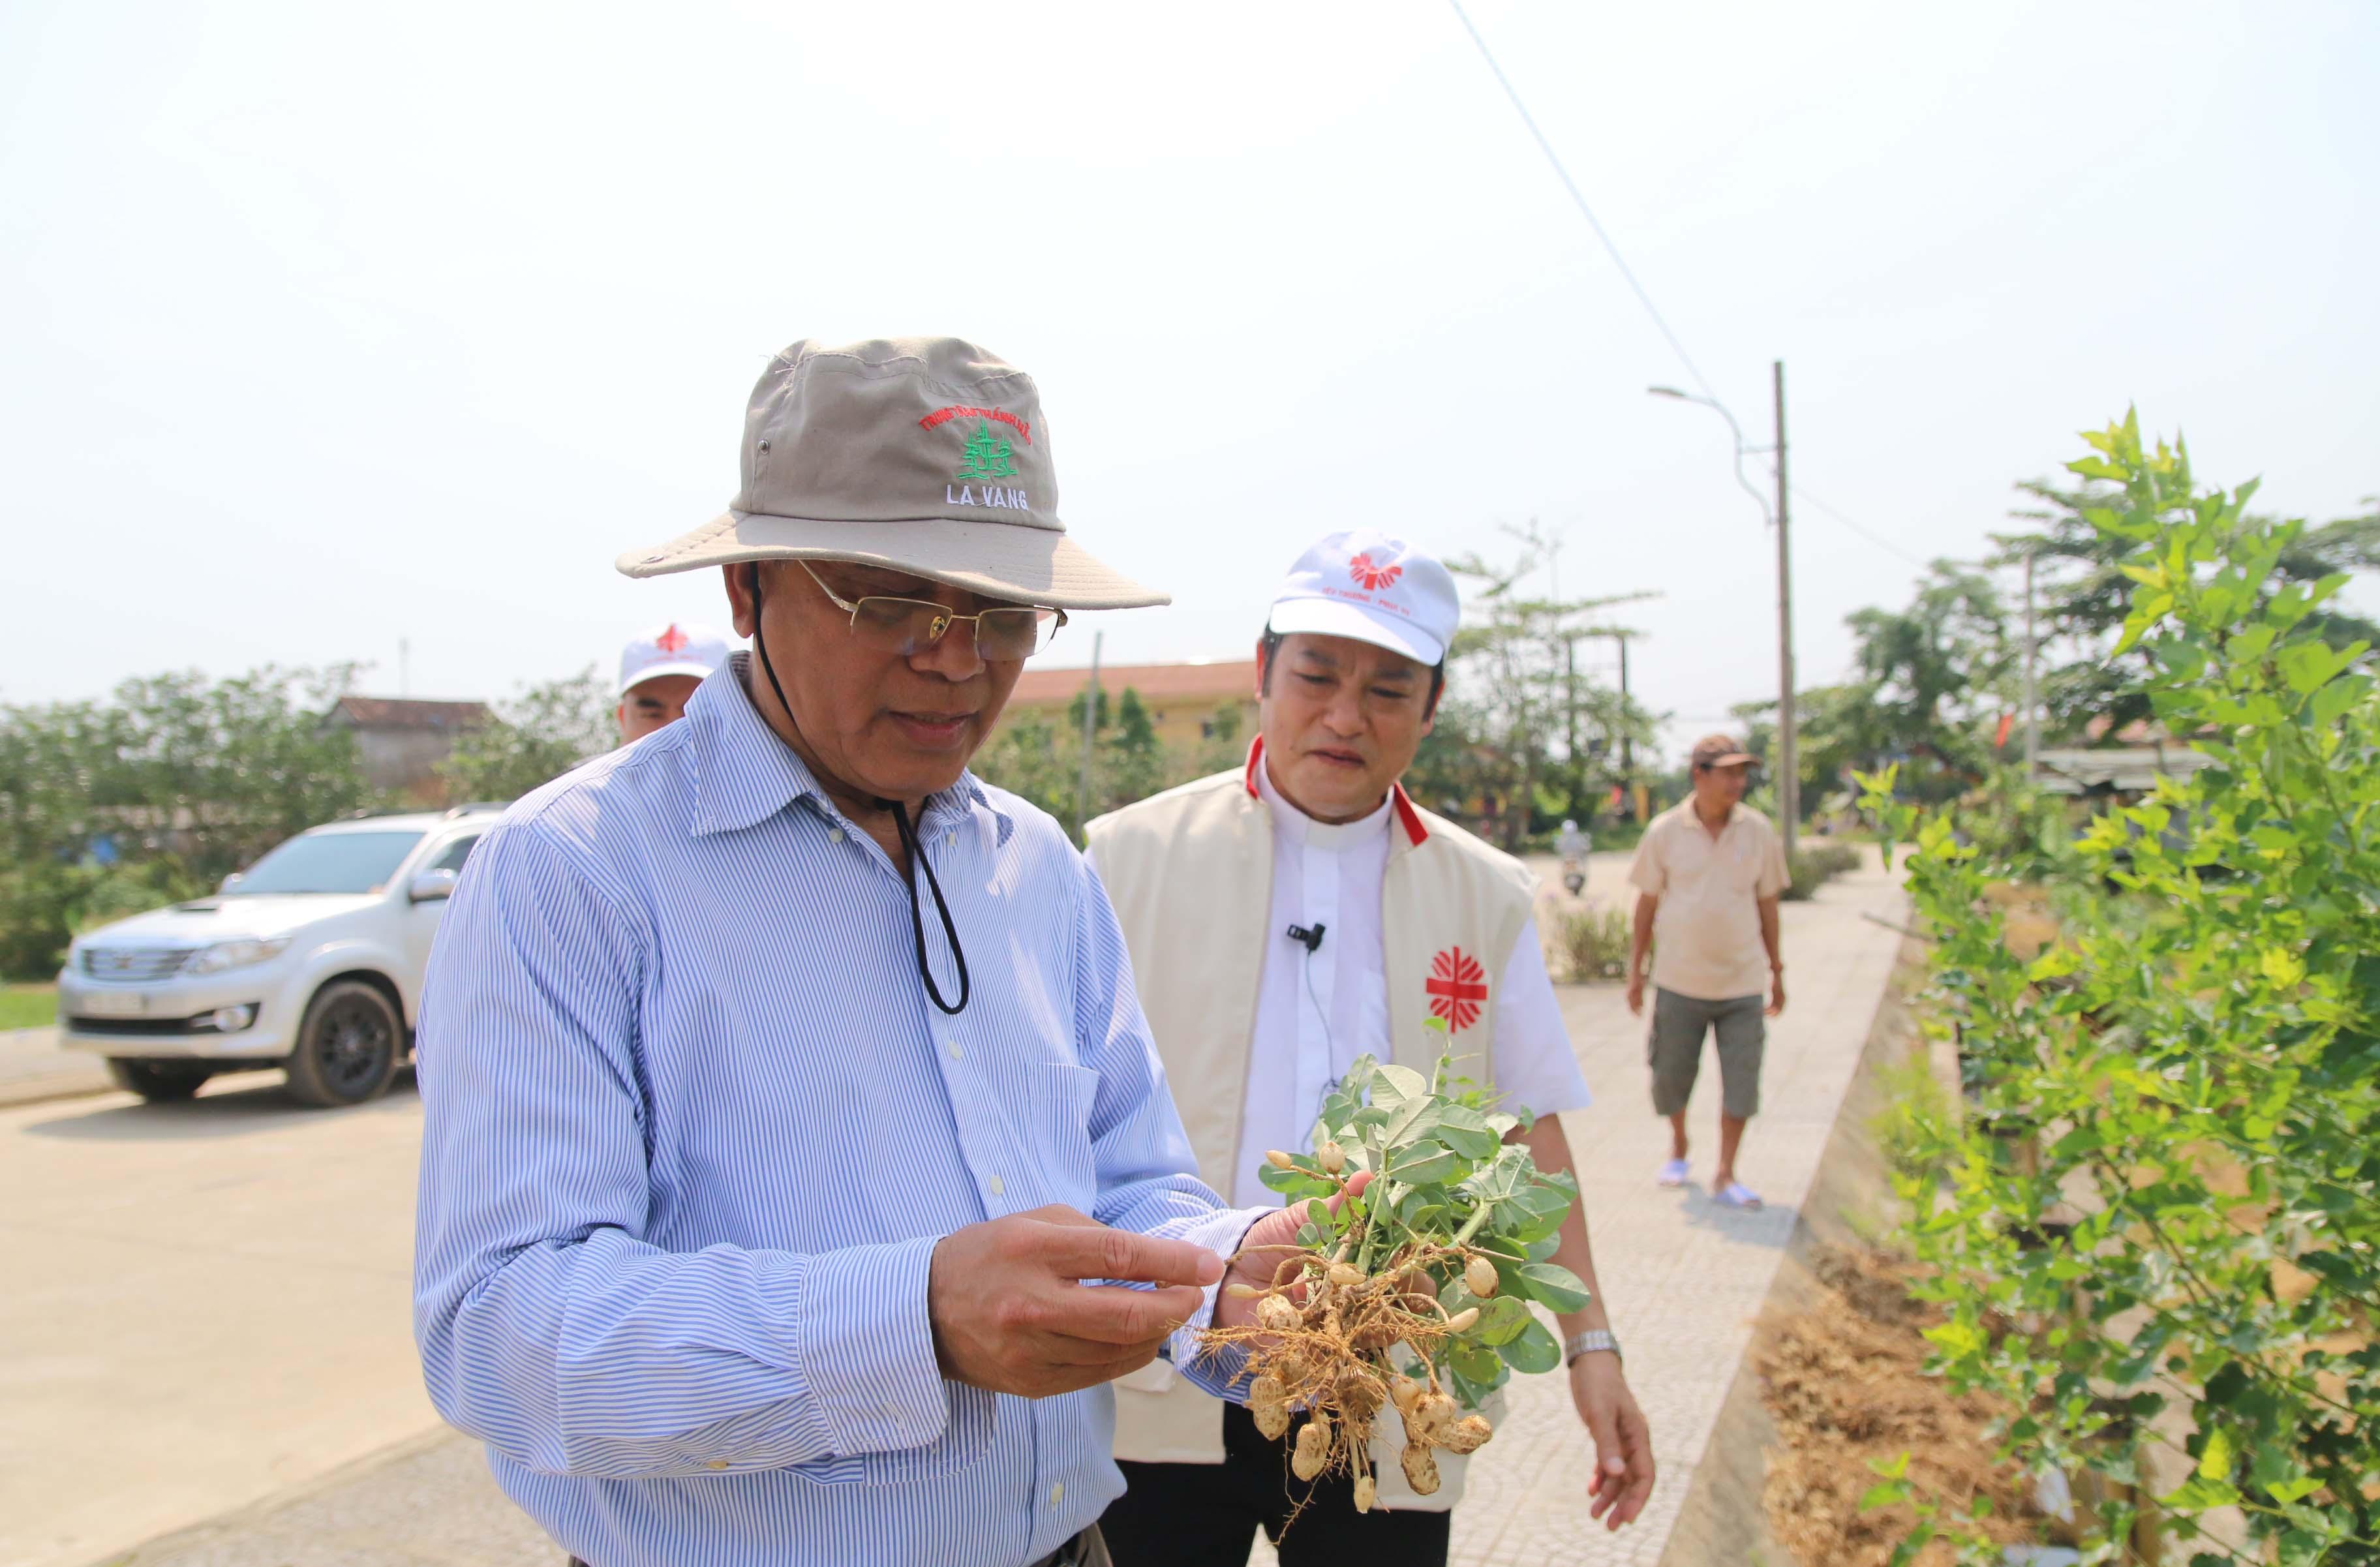 Caritas Việt Nam: Phóng Sự Hỗ Trợ Giống Cây Trồng, Vật Nuôi Sau Bão Lũ 2020 Tại TGP. Huế